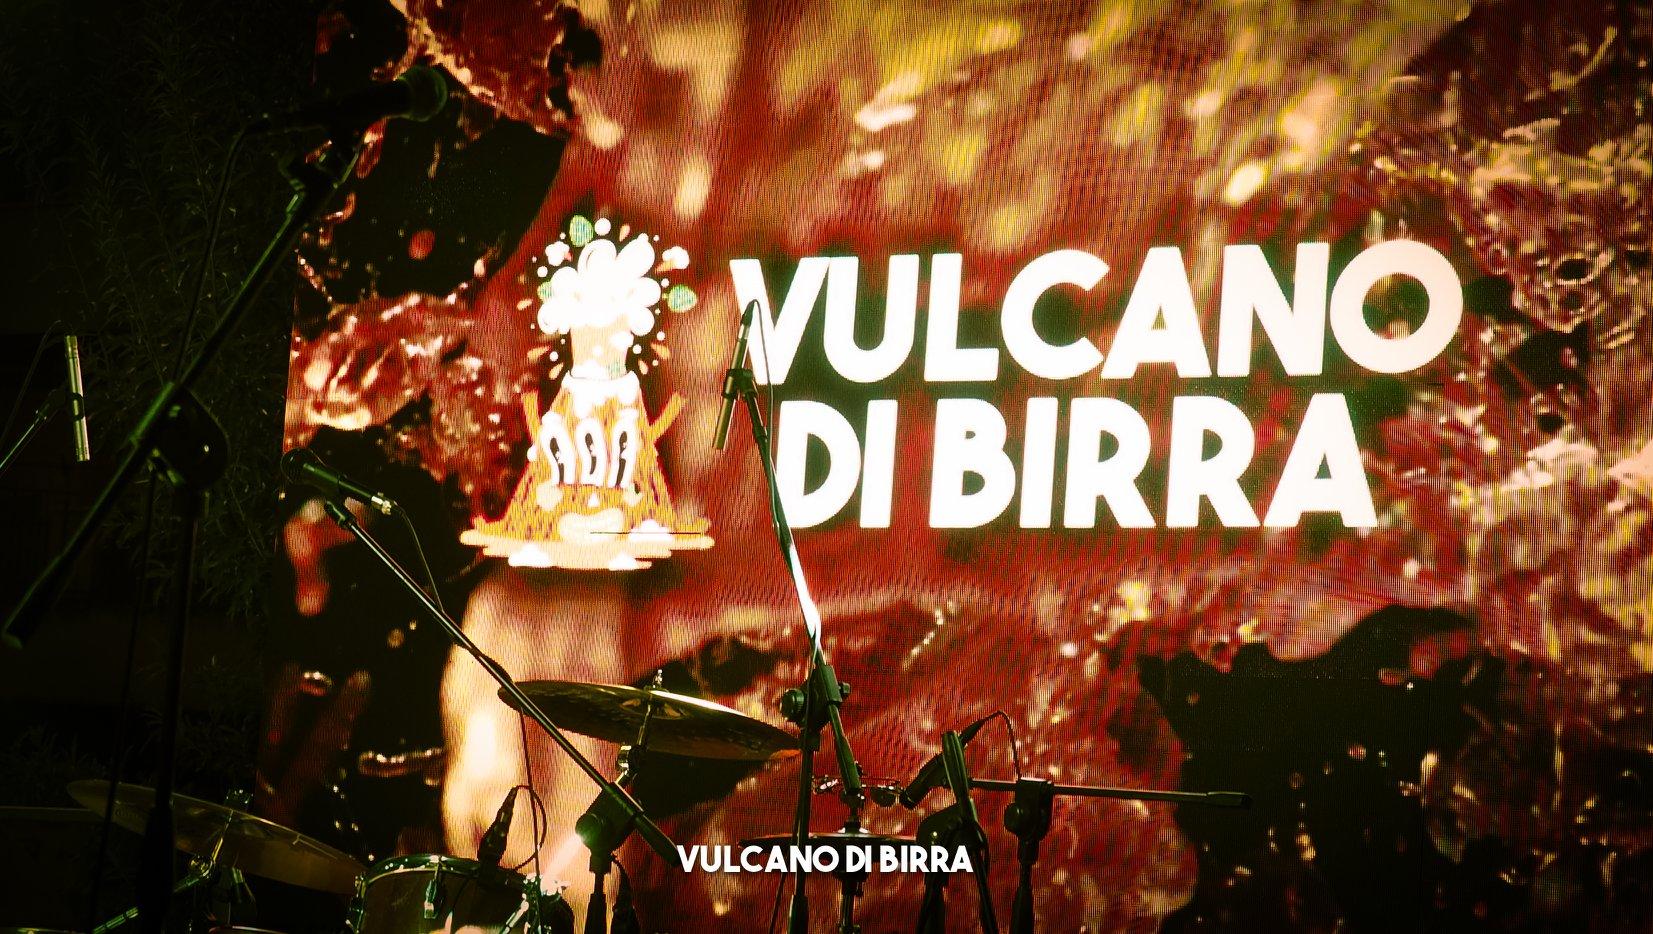 http://www.anticaproietteria.it/wp-content/uploads/2018/07/Lorenzo-Gonnelli_vulcano-di-birra.jpg